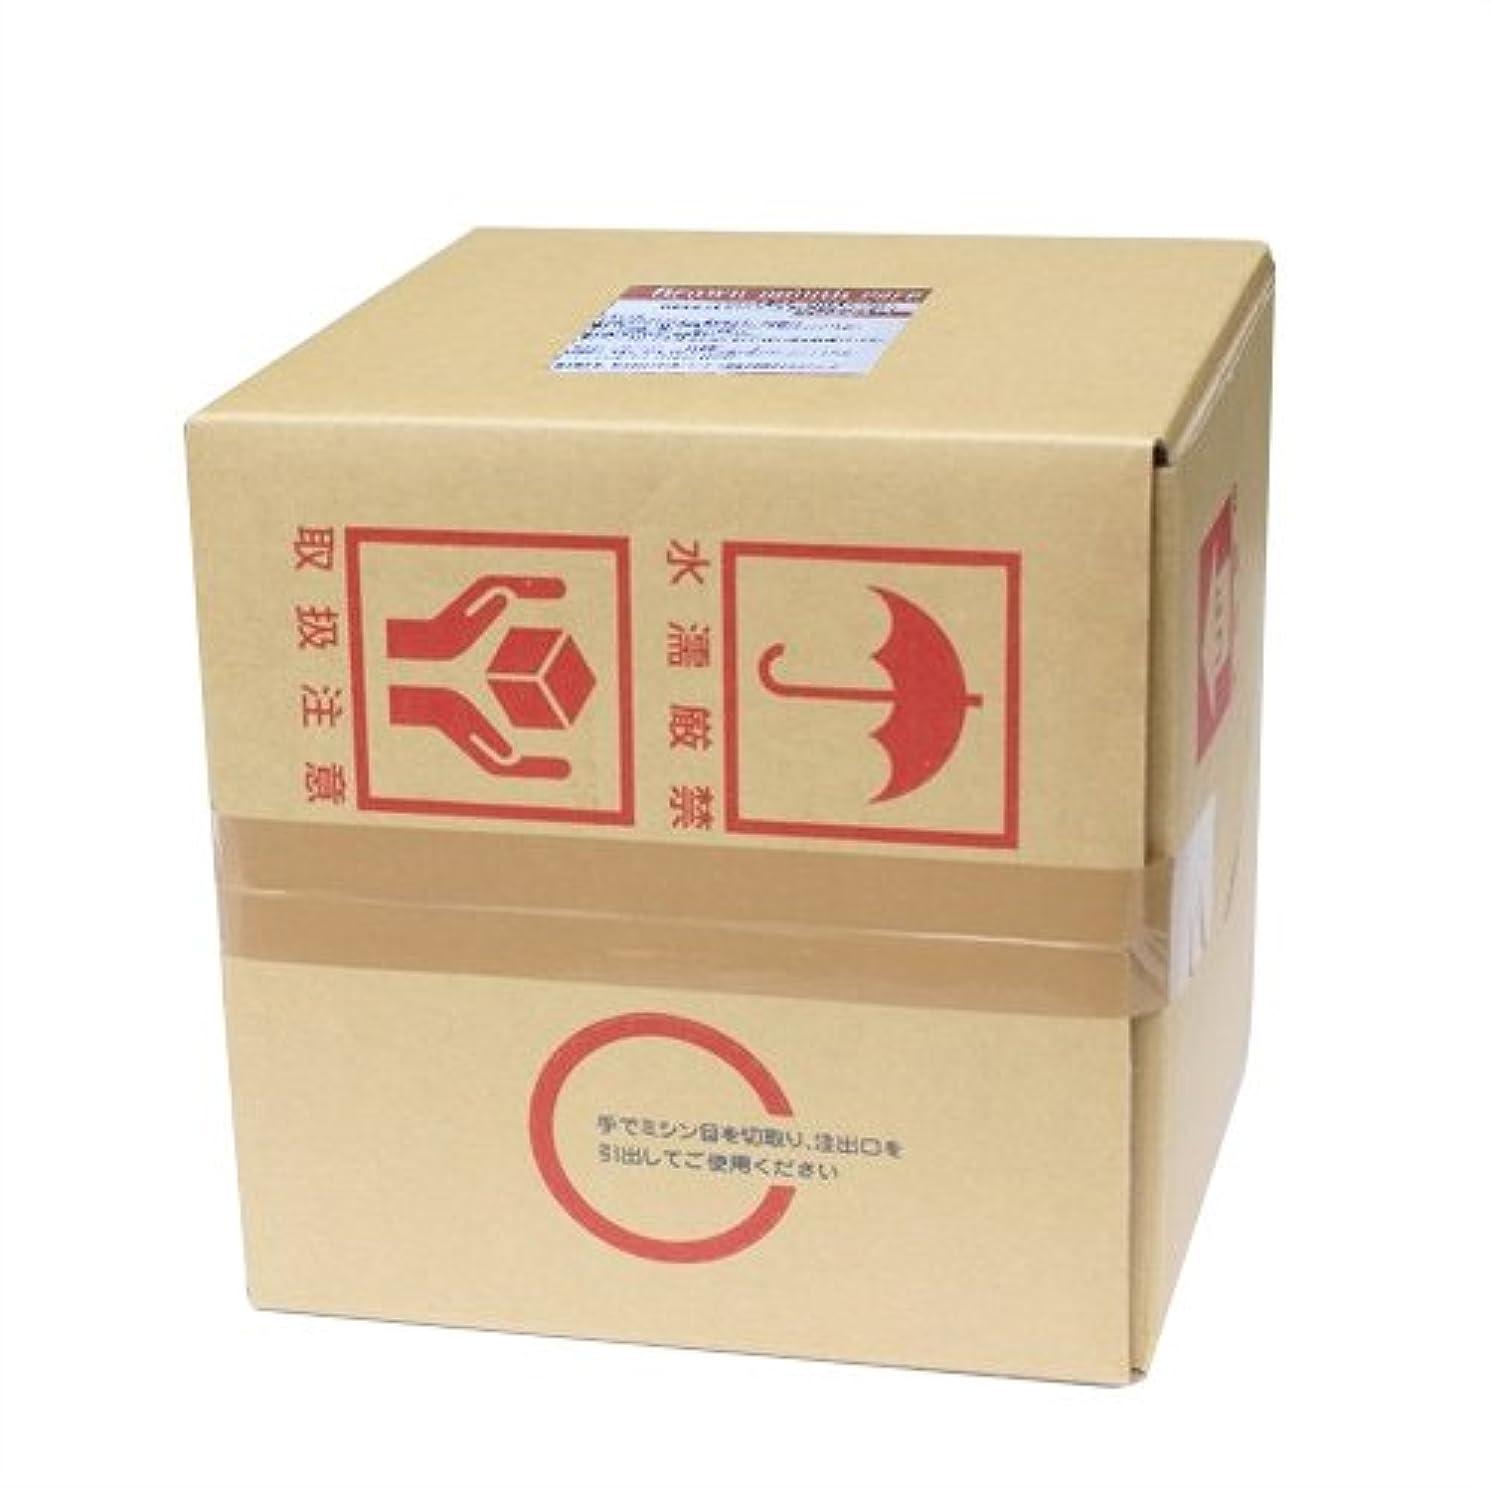 統合トリクル放射性業務用洗口液 ガーグル ブラウンマウスケア (Brown mouth care) 20倍濃縮タイプ 20L (詰め替えコック付き)